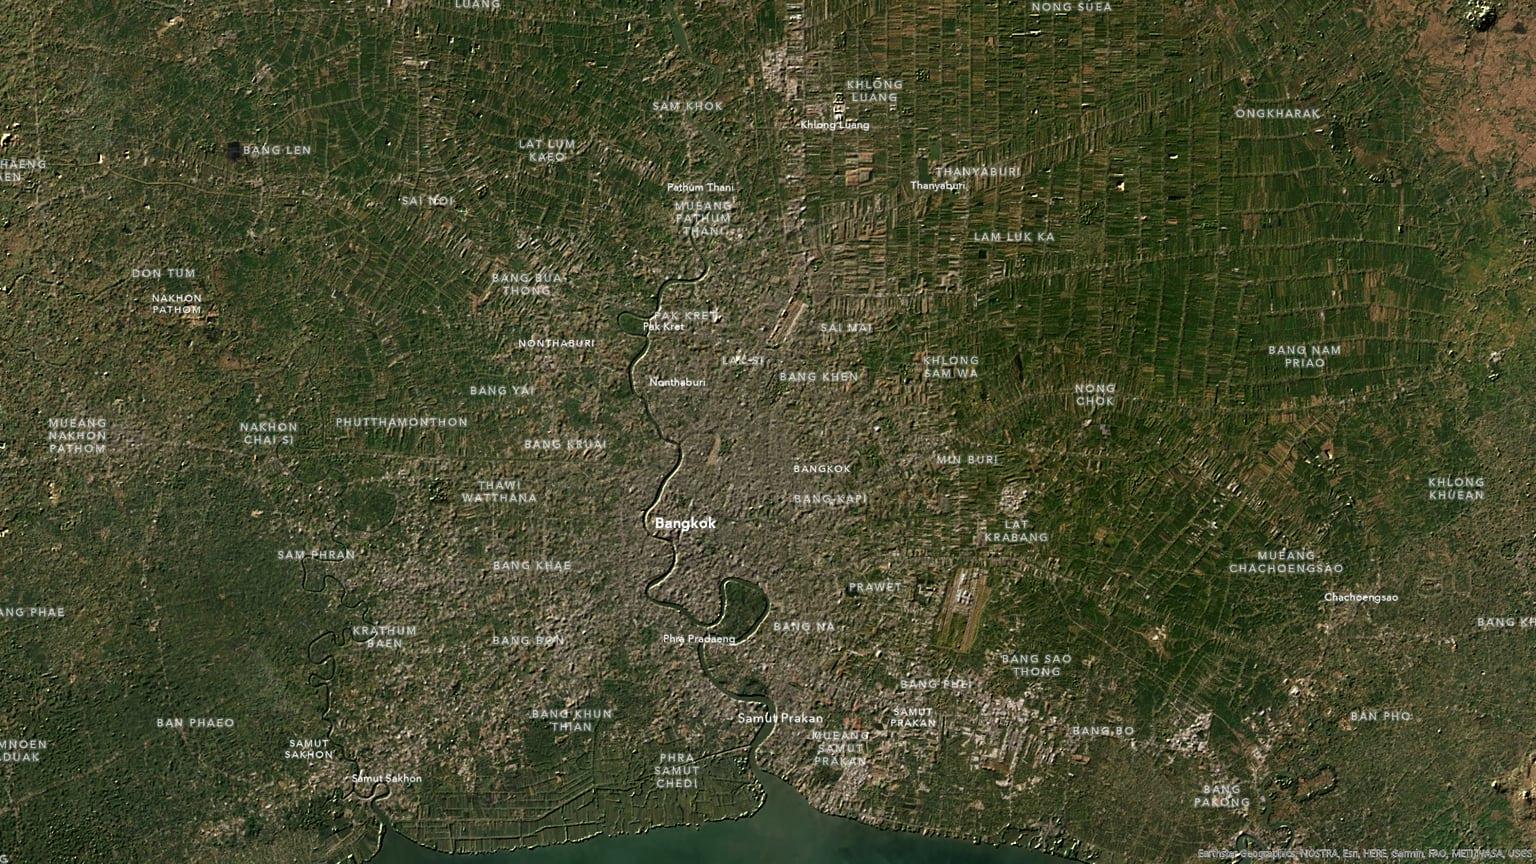 Bangkok with extremely maximized hillshade.